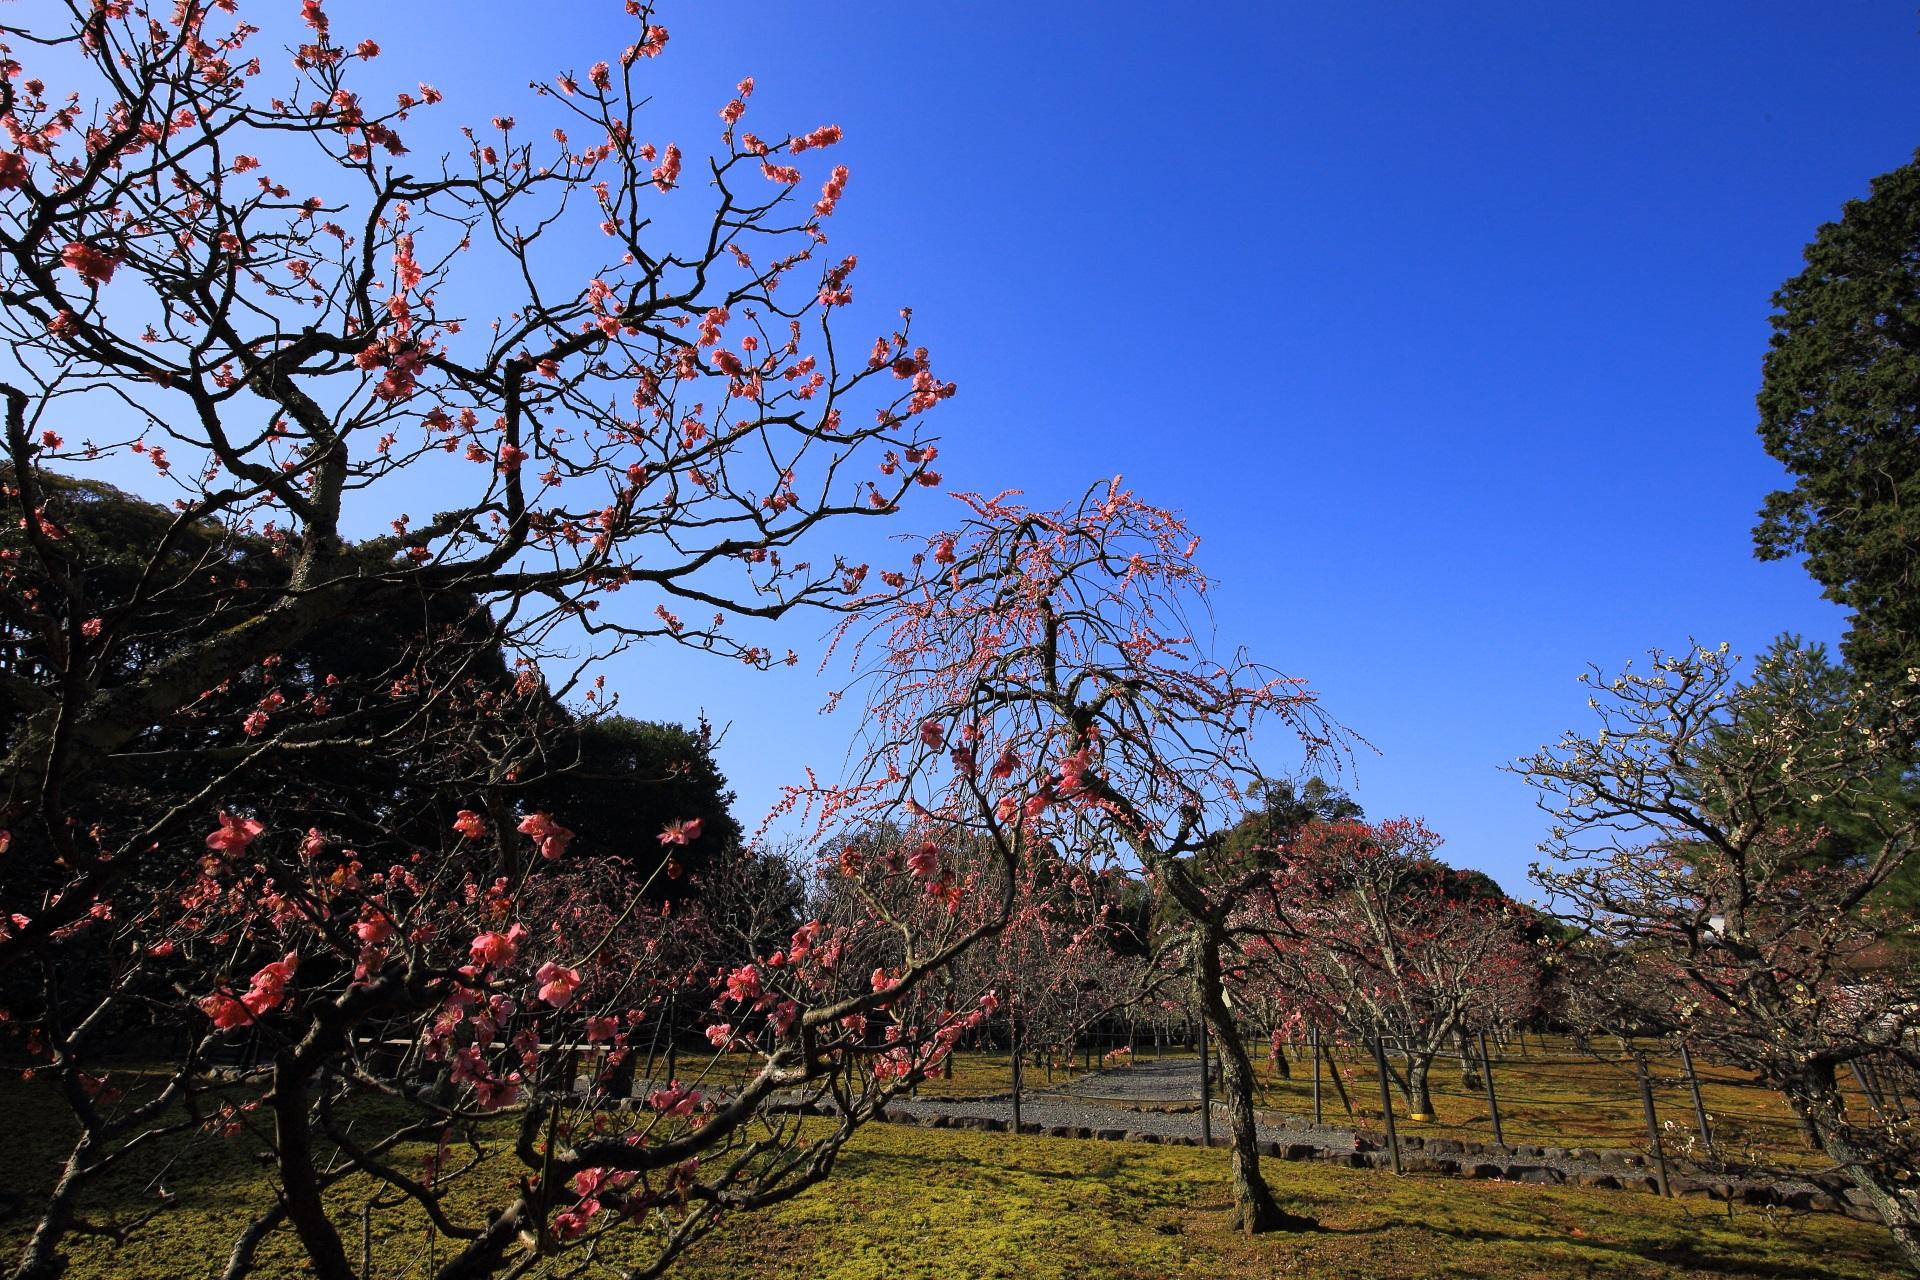 青空を芸術的に彩る梅の枝と花